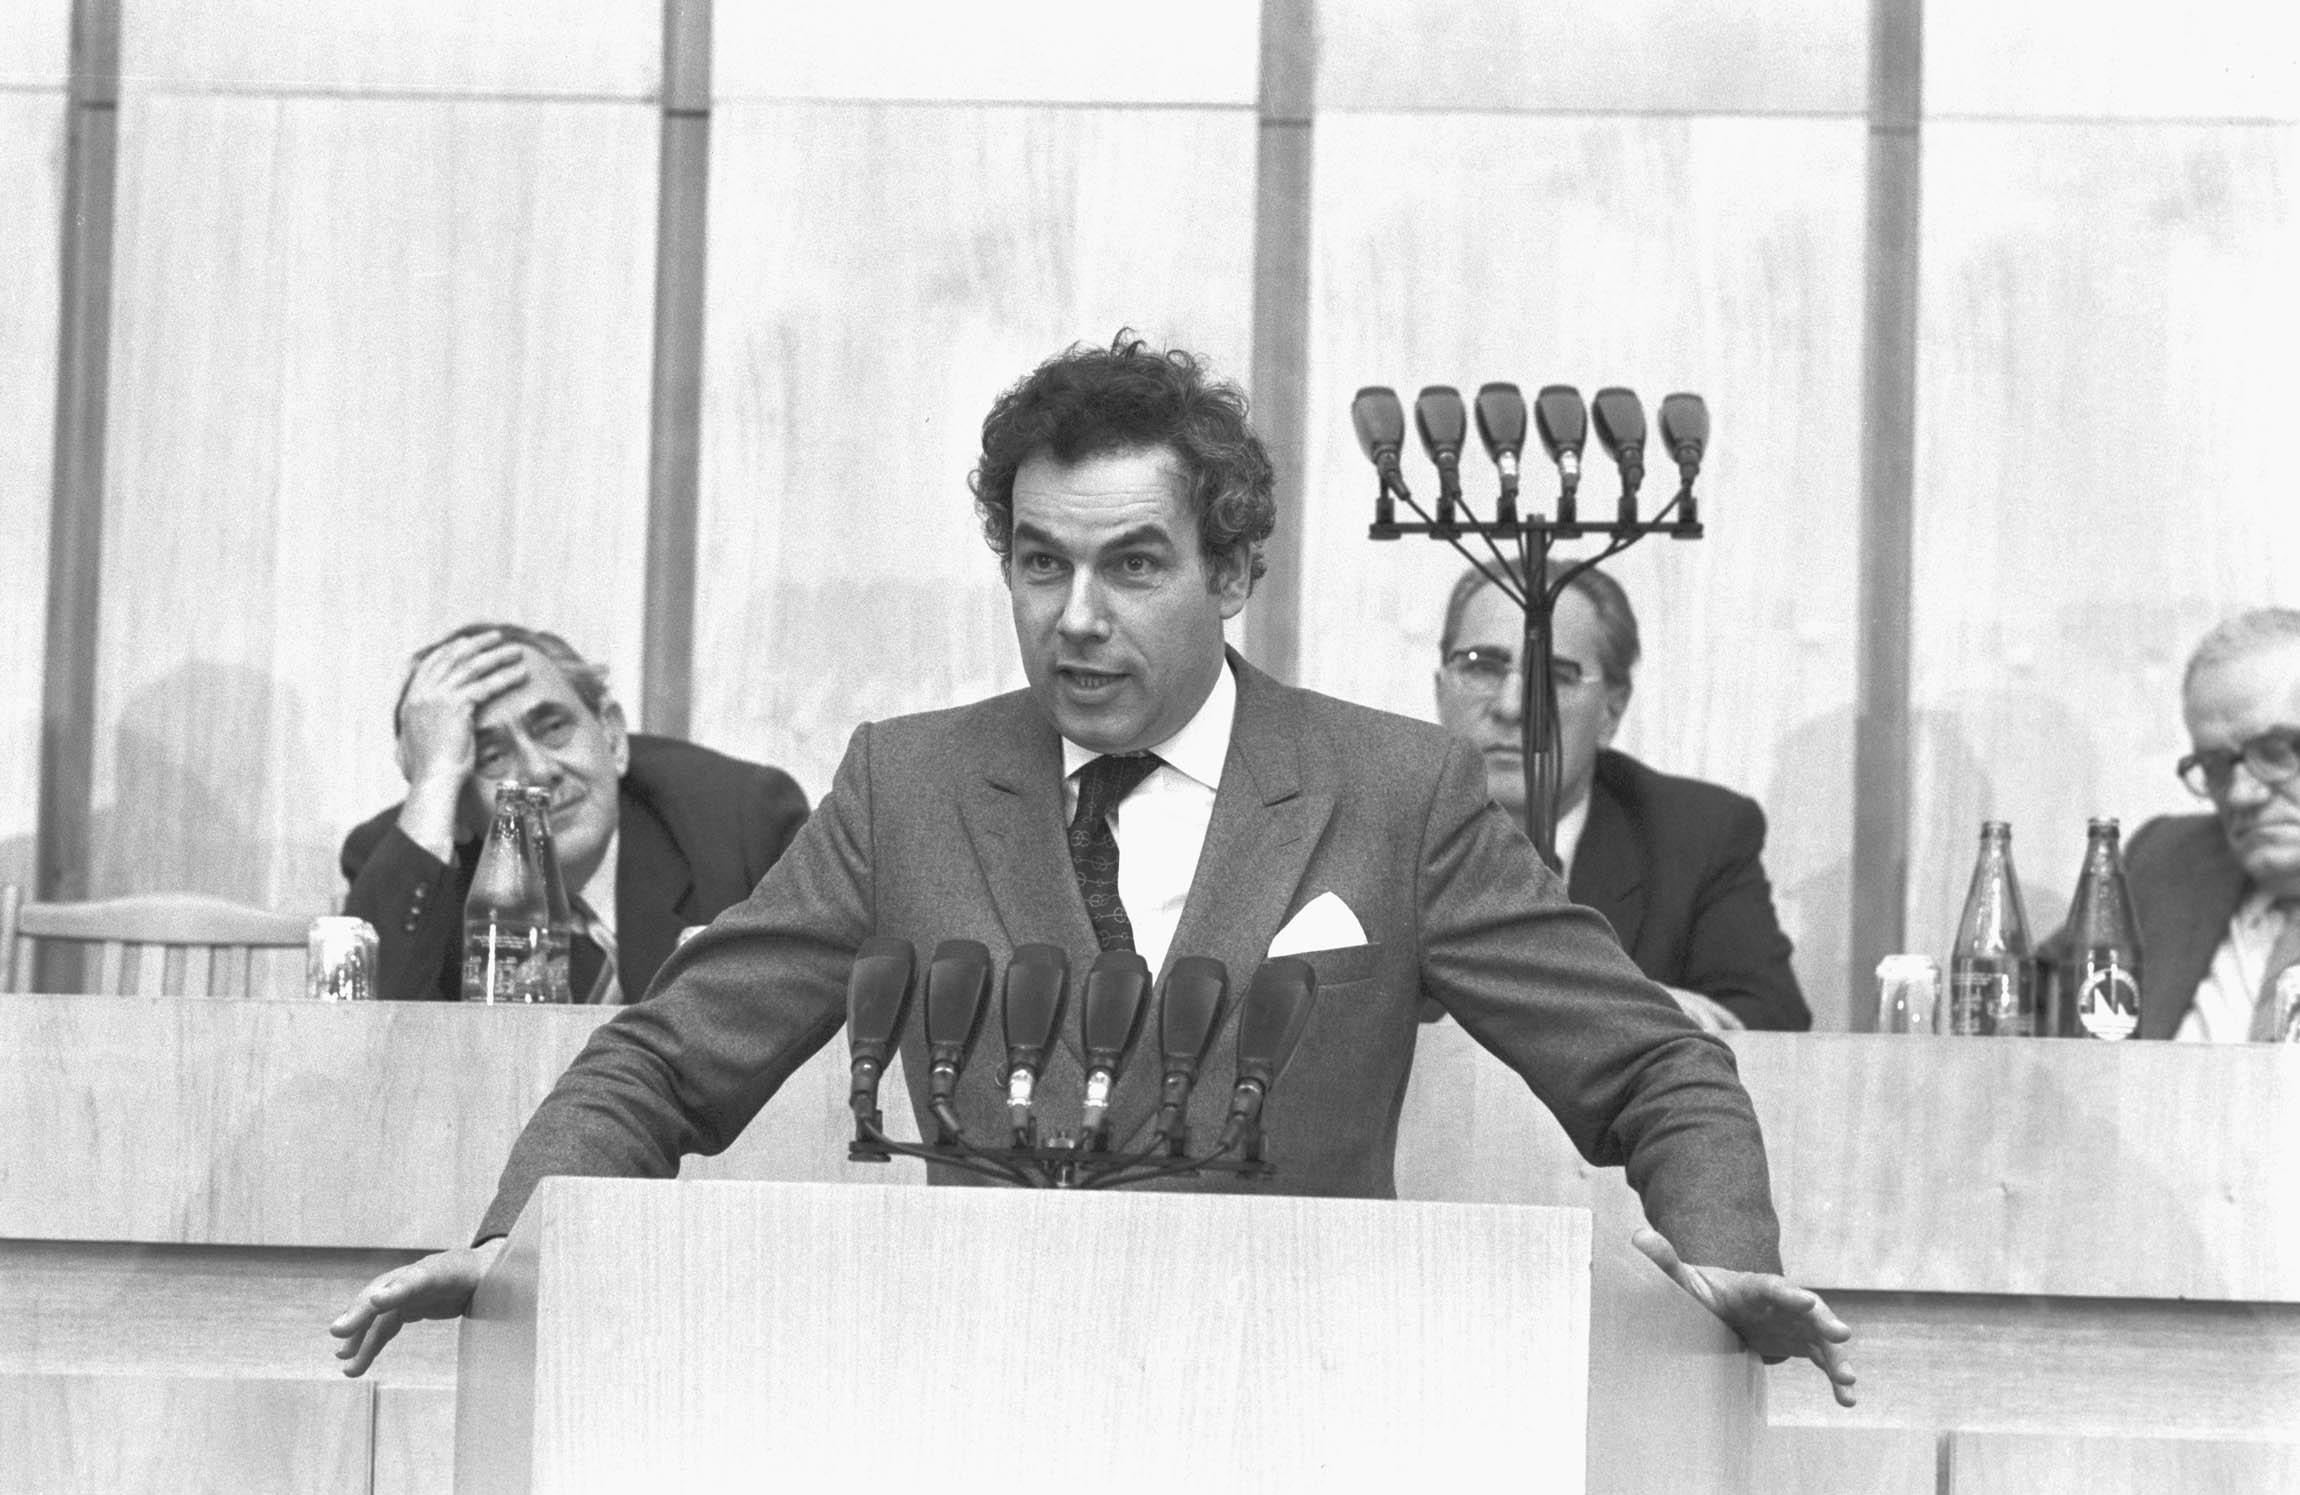 Hajdú János felszólal az országos agitációs, propaganda és mûvelõdéspolitikai tanácskozáson a XIII. kerületi Pártbizottság székházában / Fotó: MTI